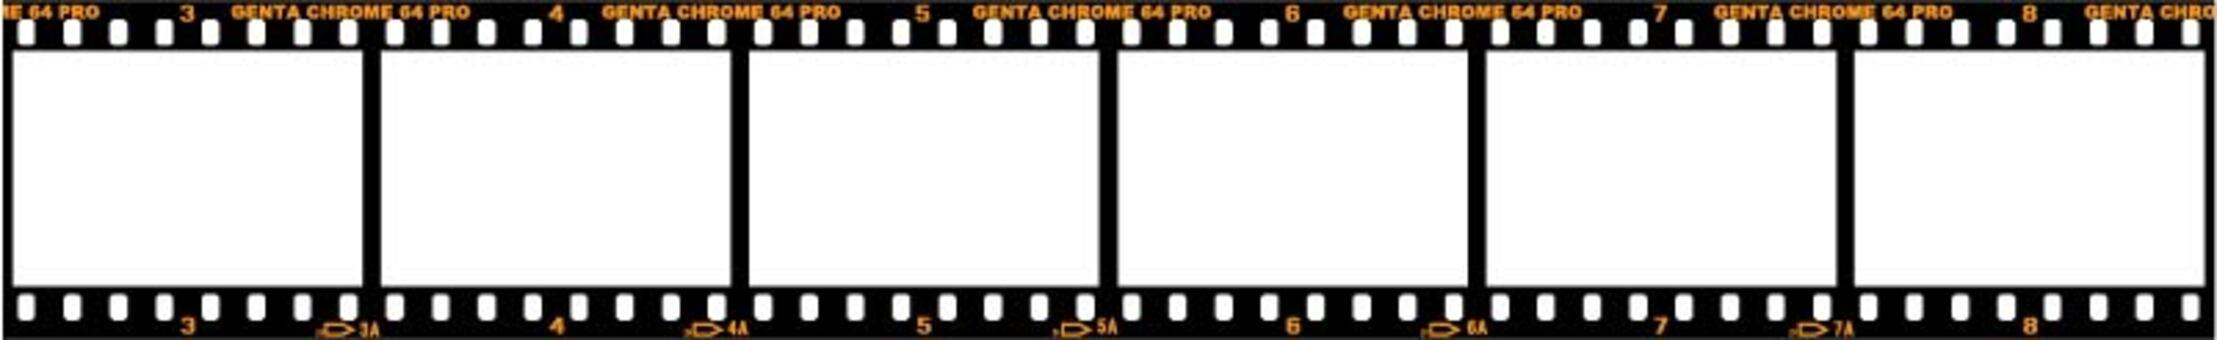 35毫米膠片